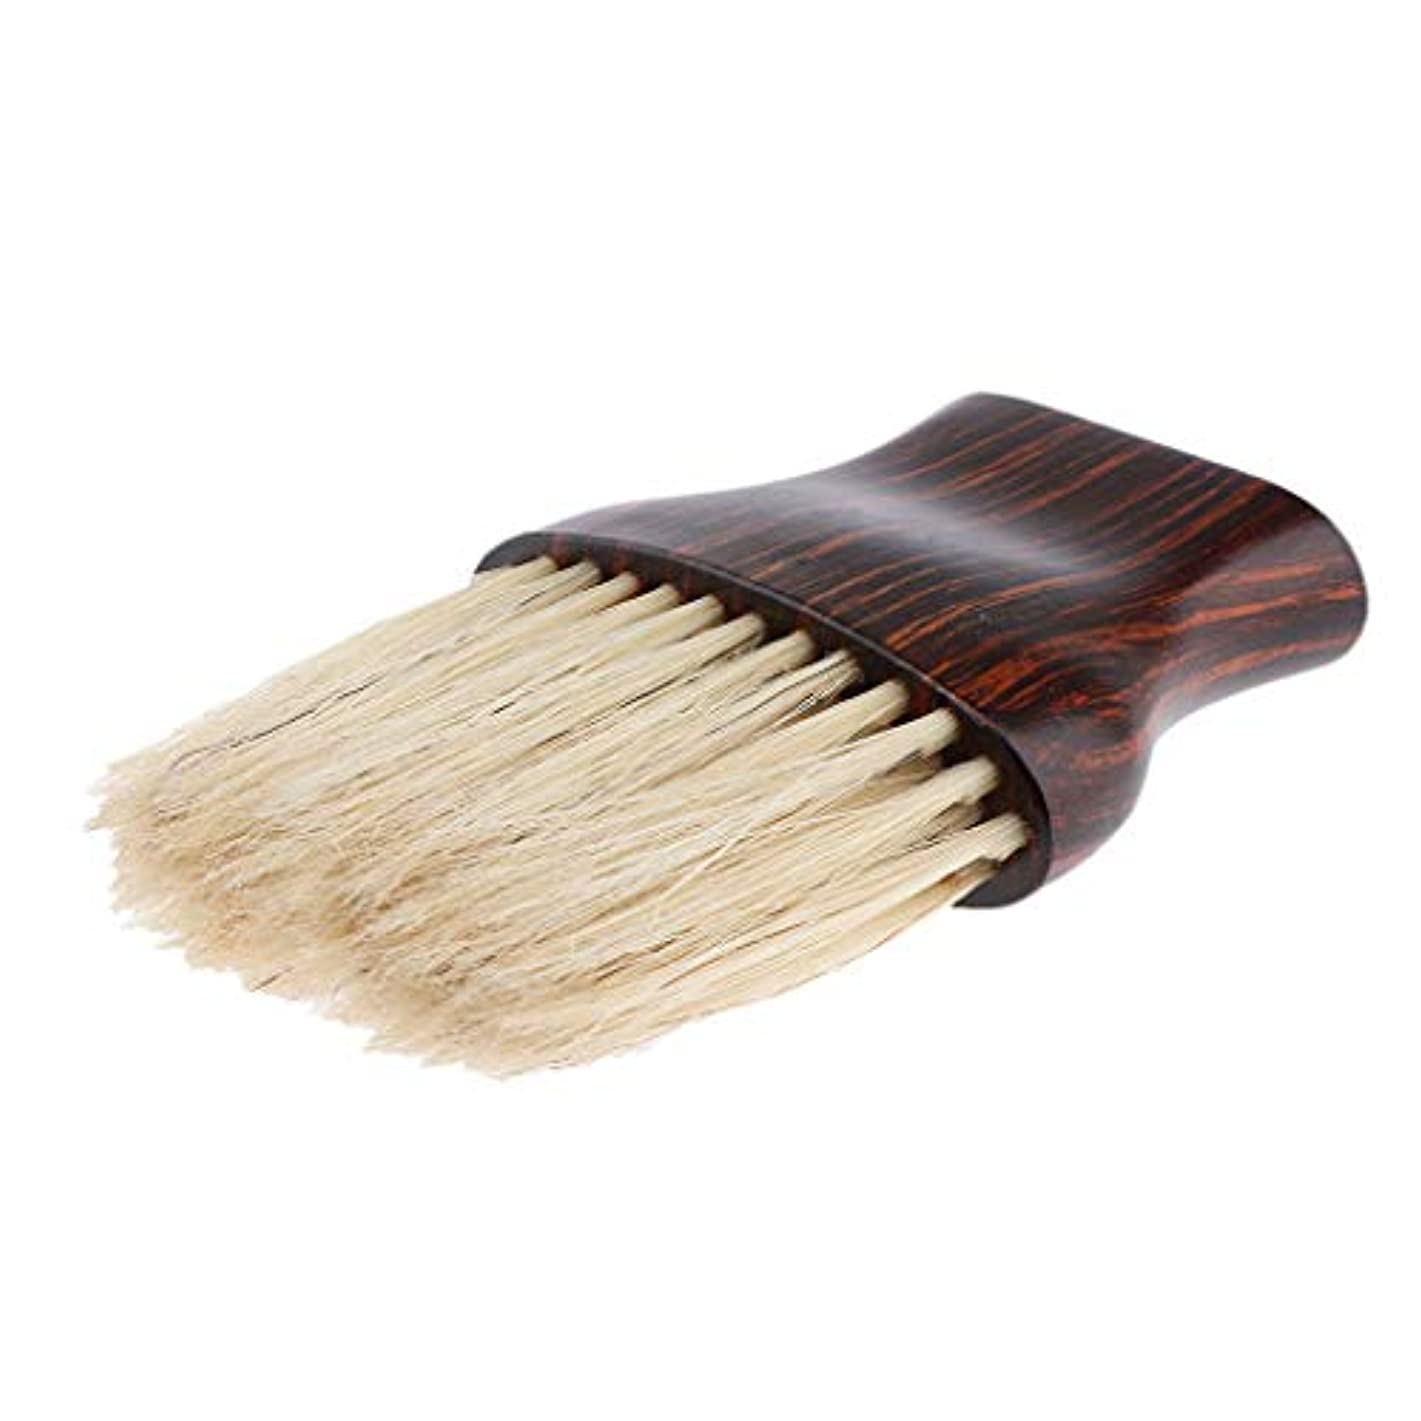 不器用贈り物周囲Toygogo ネックダスターブラシ ヘアカットブラシ クリーニング ブラシ 毛払いブラシ 散髪 髪切り